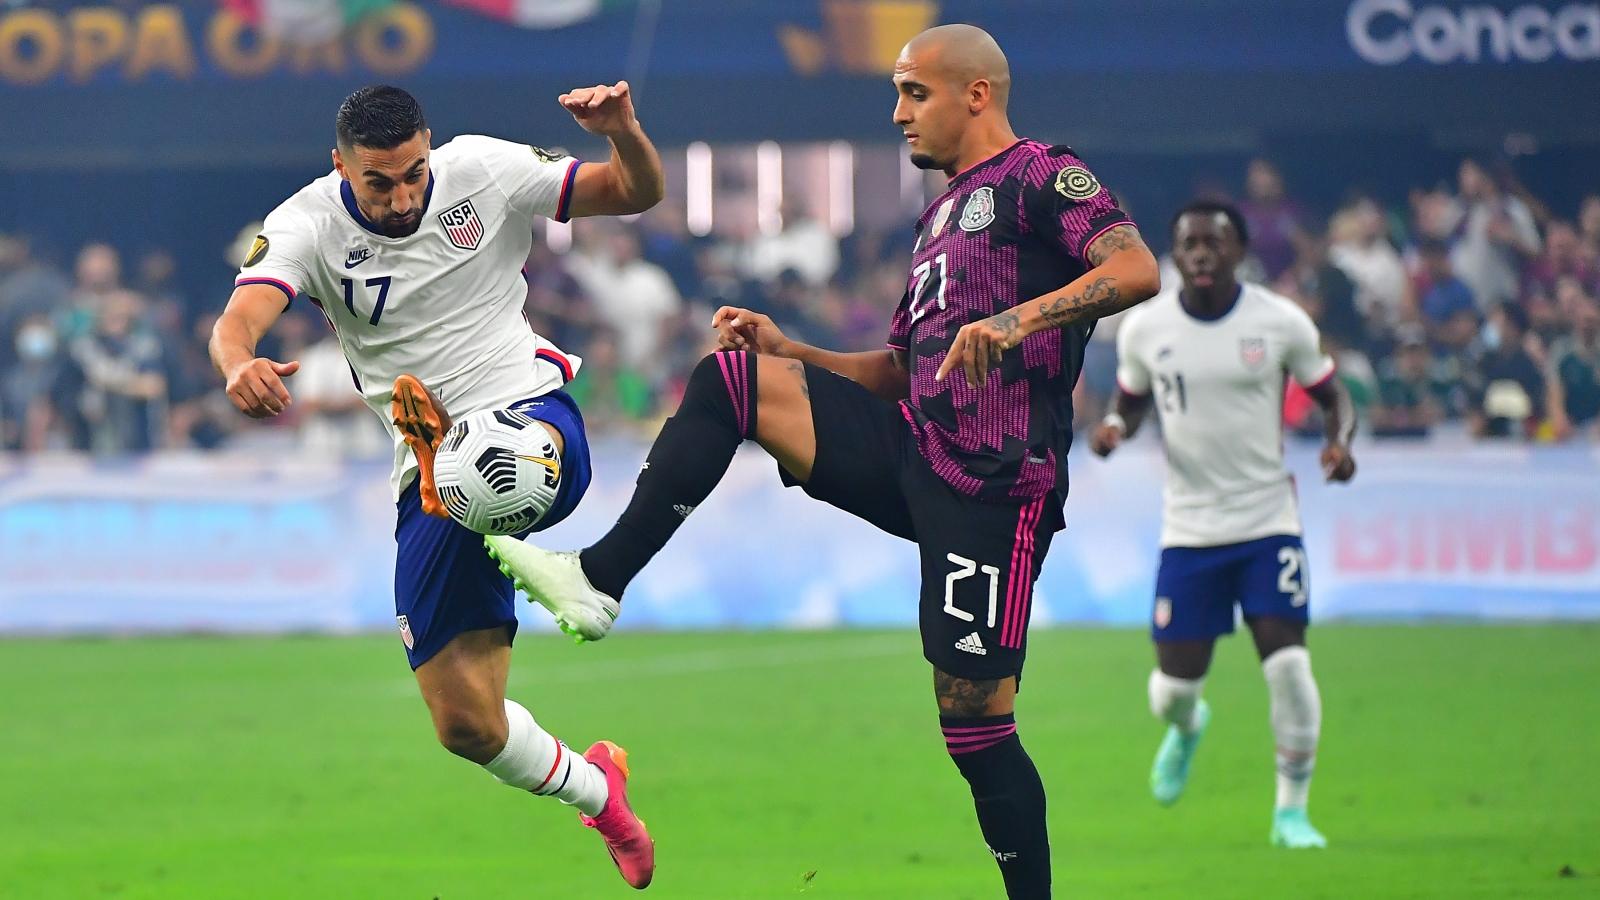 Thắng kịch tính Mexico, Mỹ đăng quang ngôi vô địch Gold Cup 2021